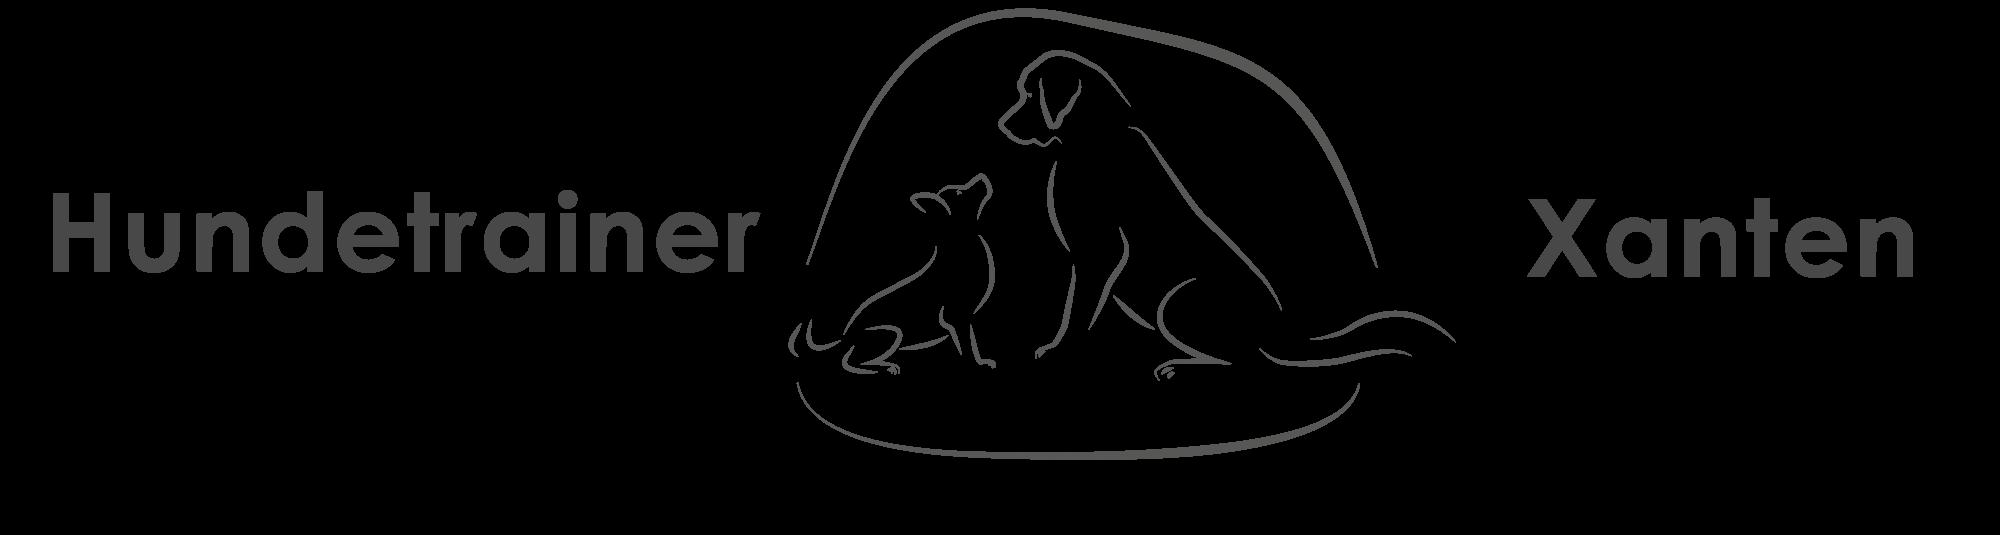 Hundetrainer-Xanten